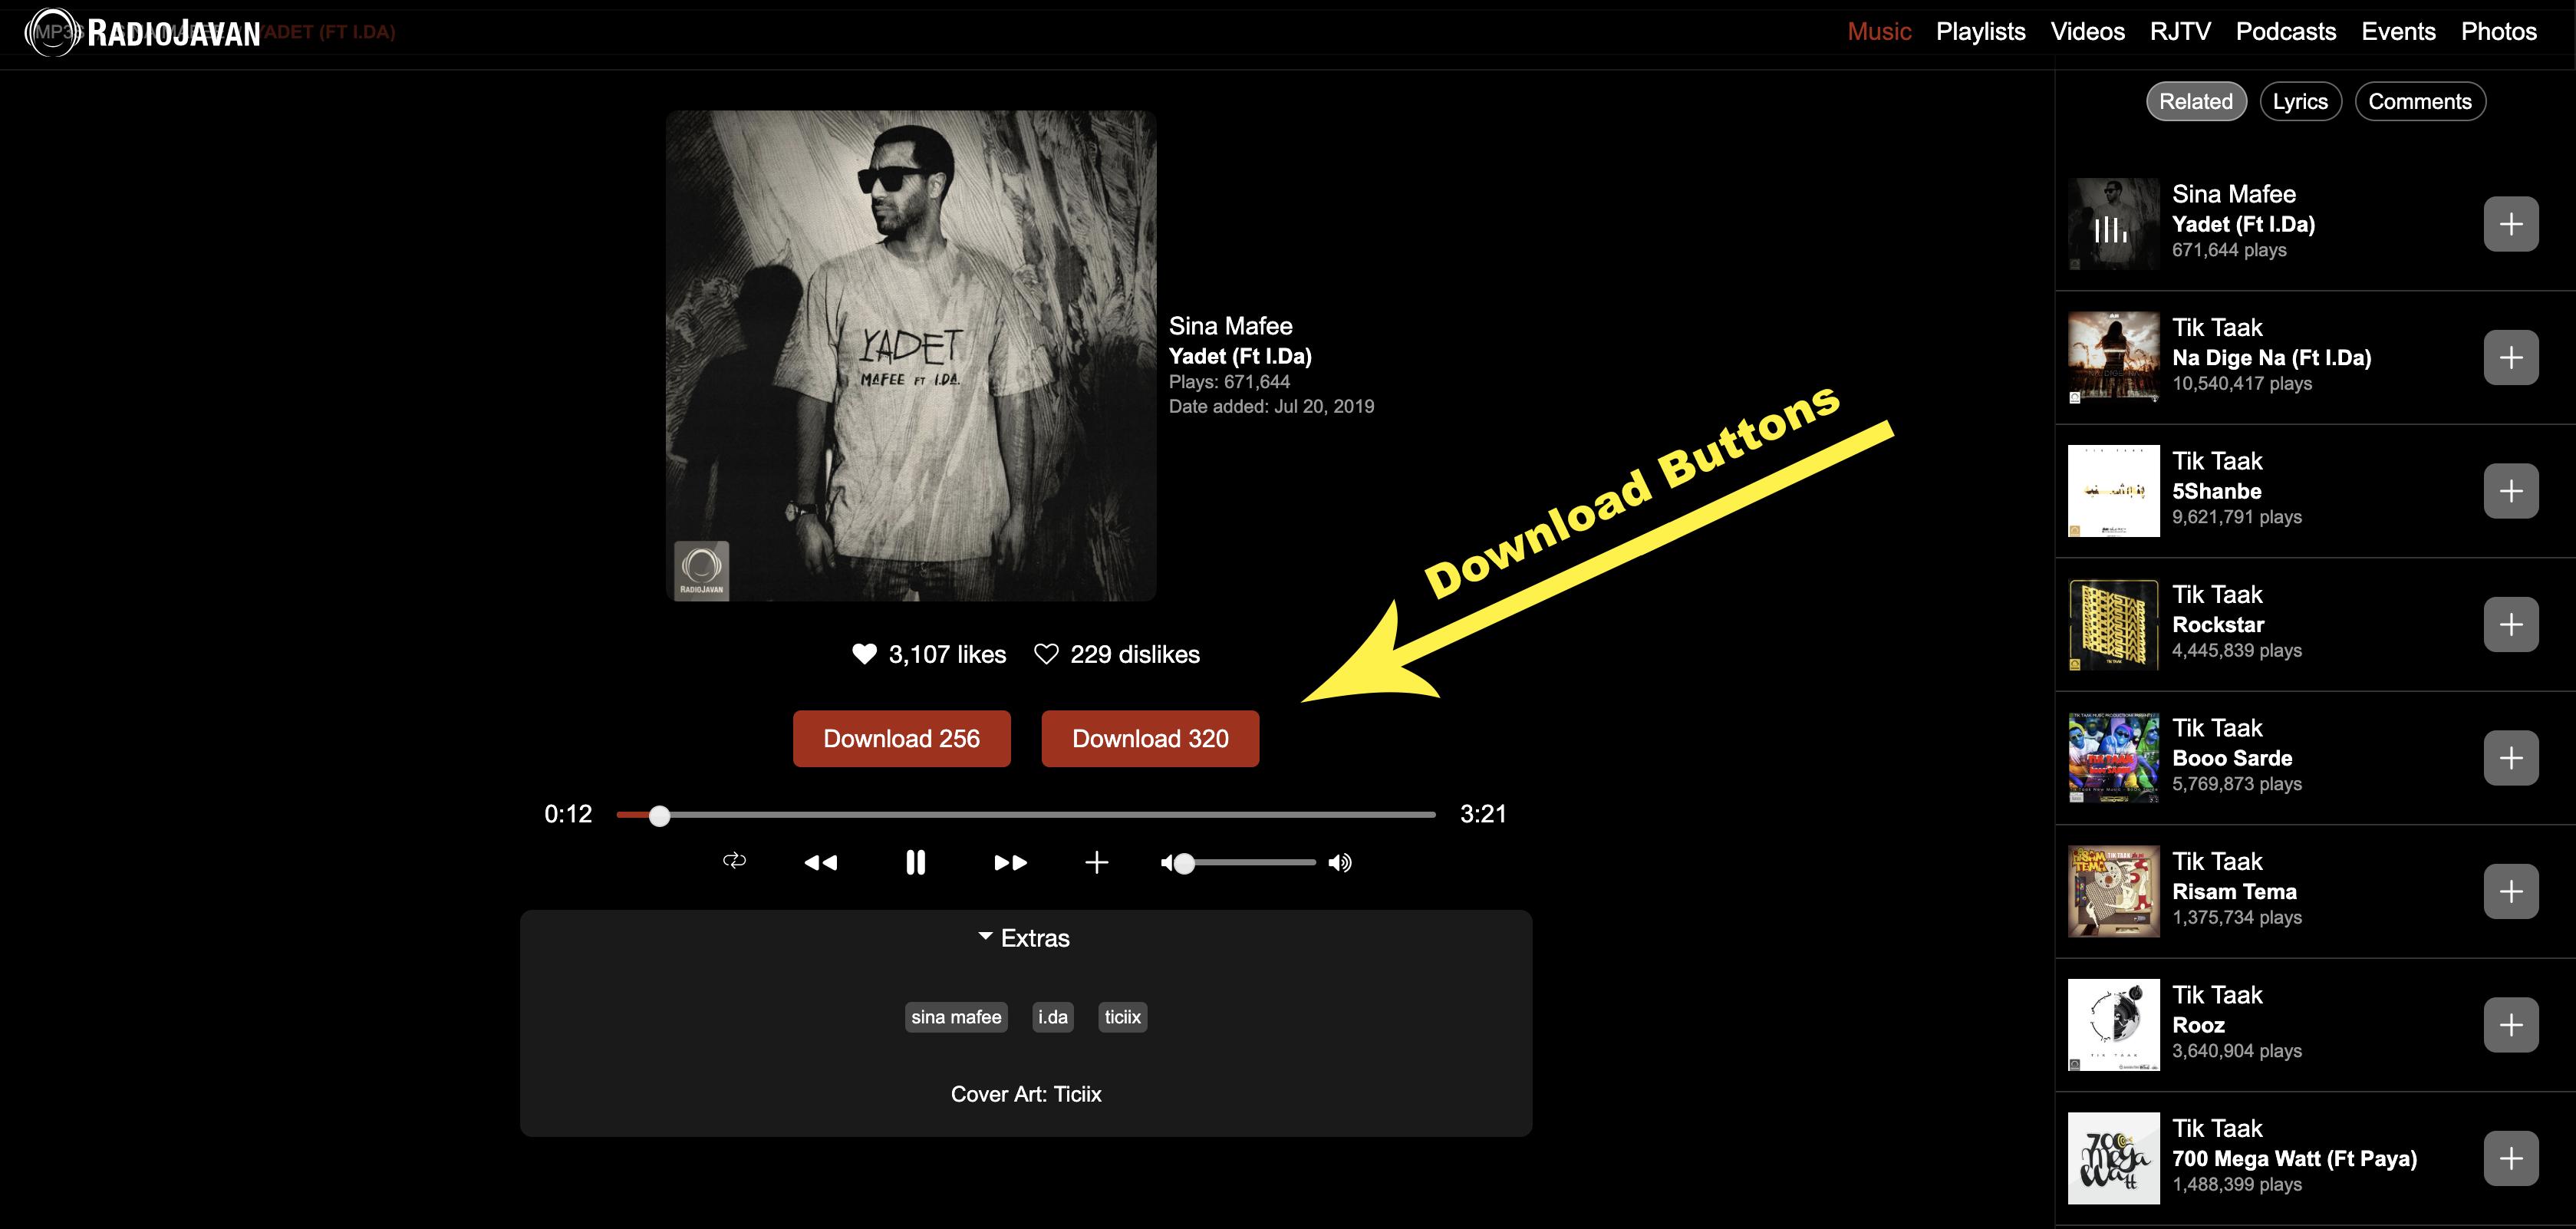 GitHub - soroushchehresa/radiojavan-downloader: 🎵 Google chrome